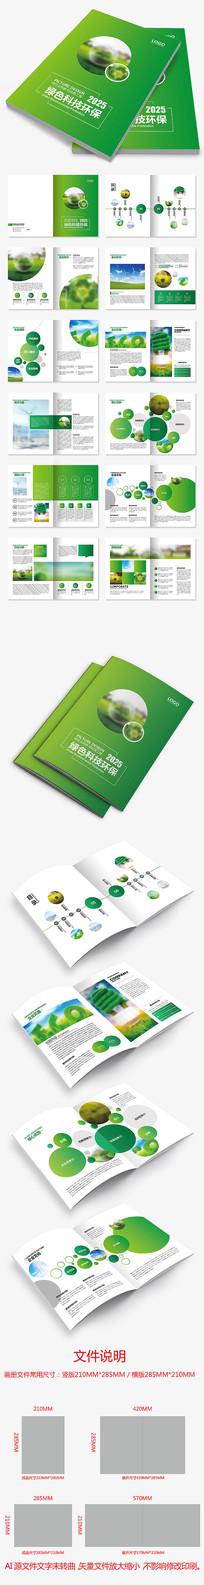 圆形绿色科技环保宣传册企业画册设计模板